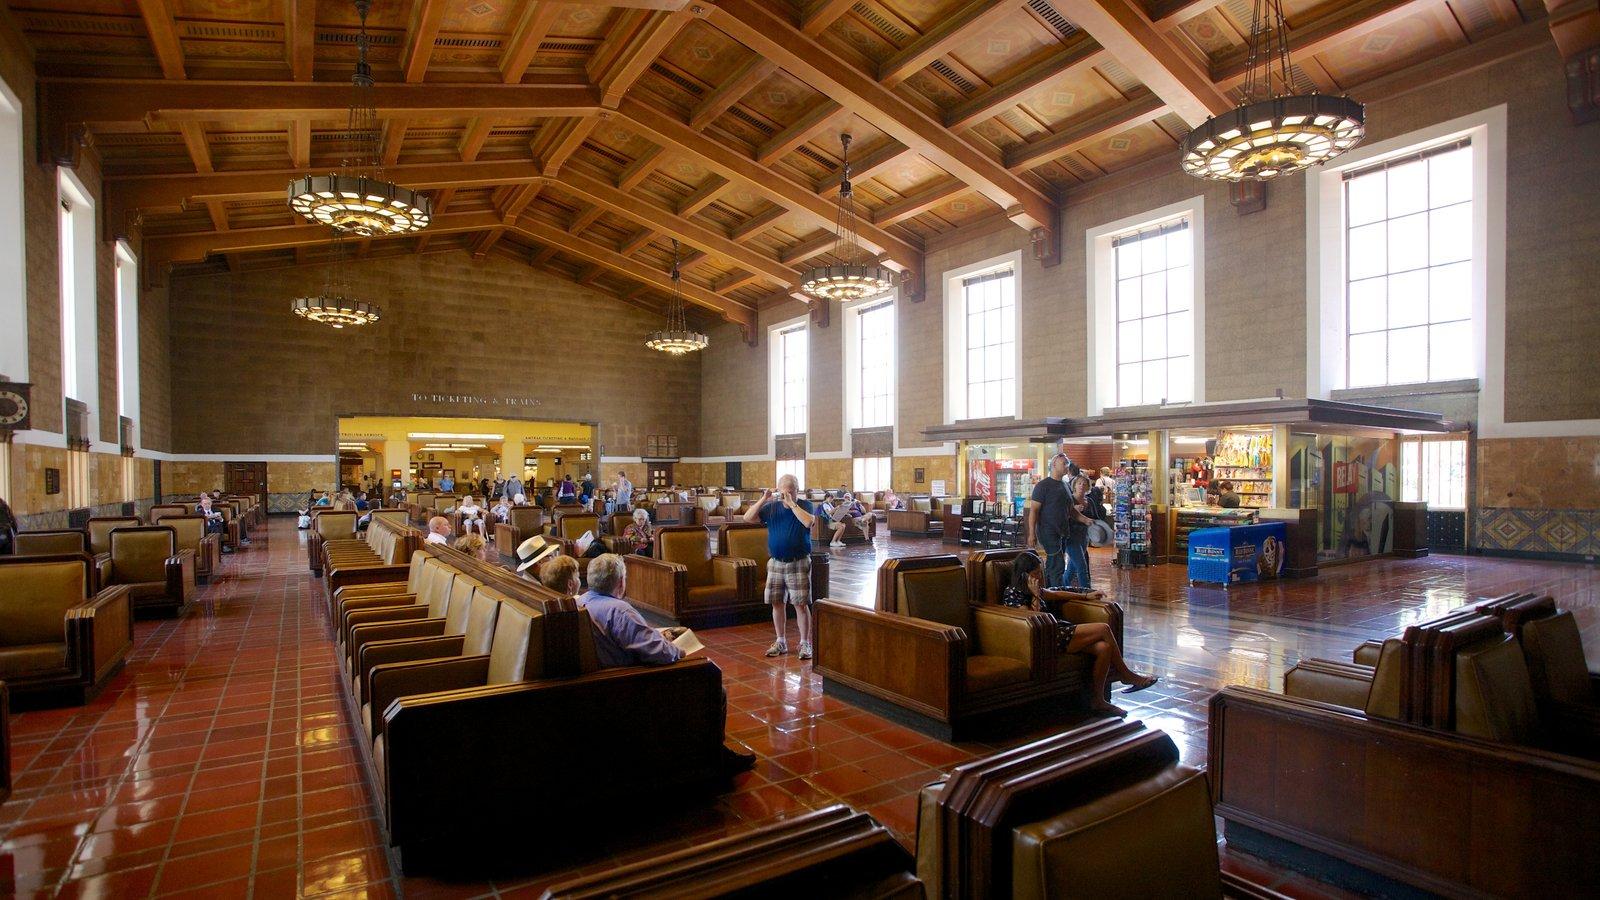 Centro de Los Ángeles mostrando vistas interiores y patrimonio de arquitectura